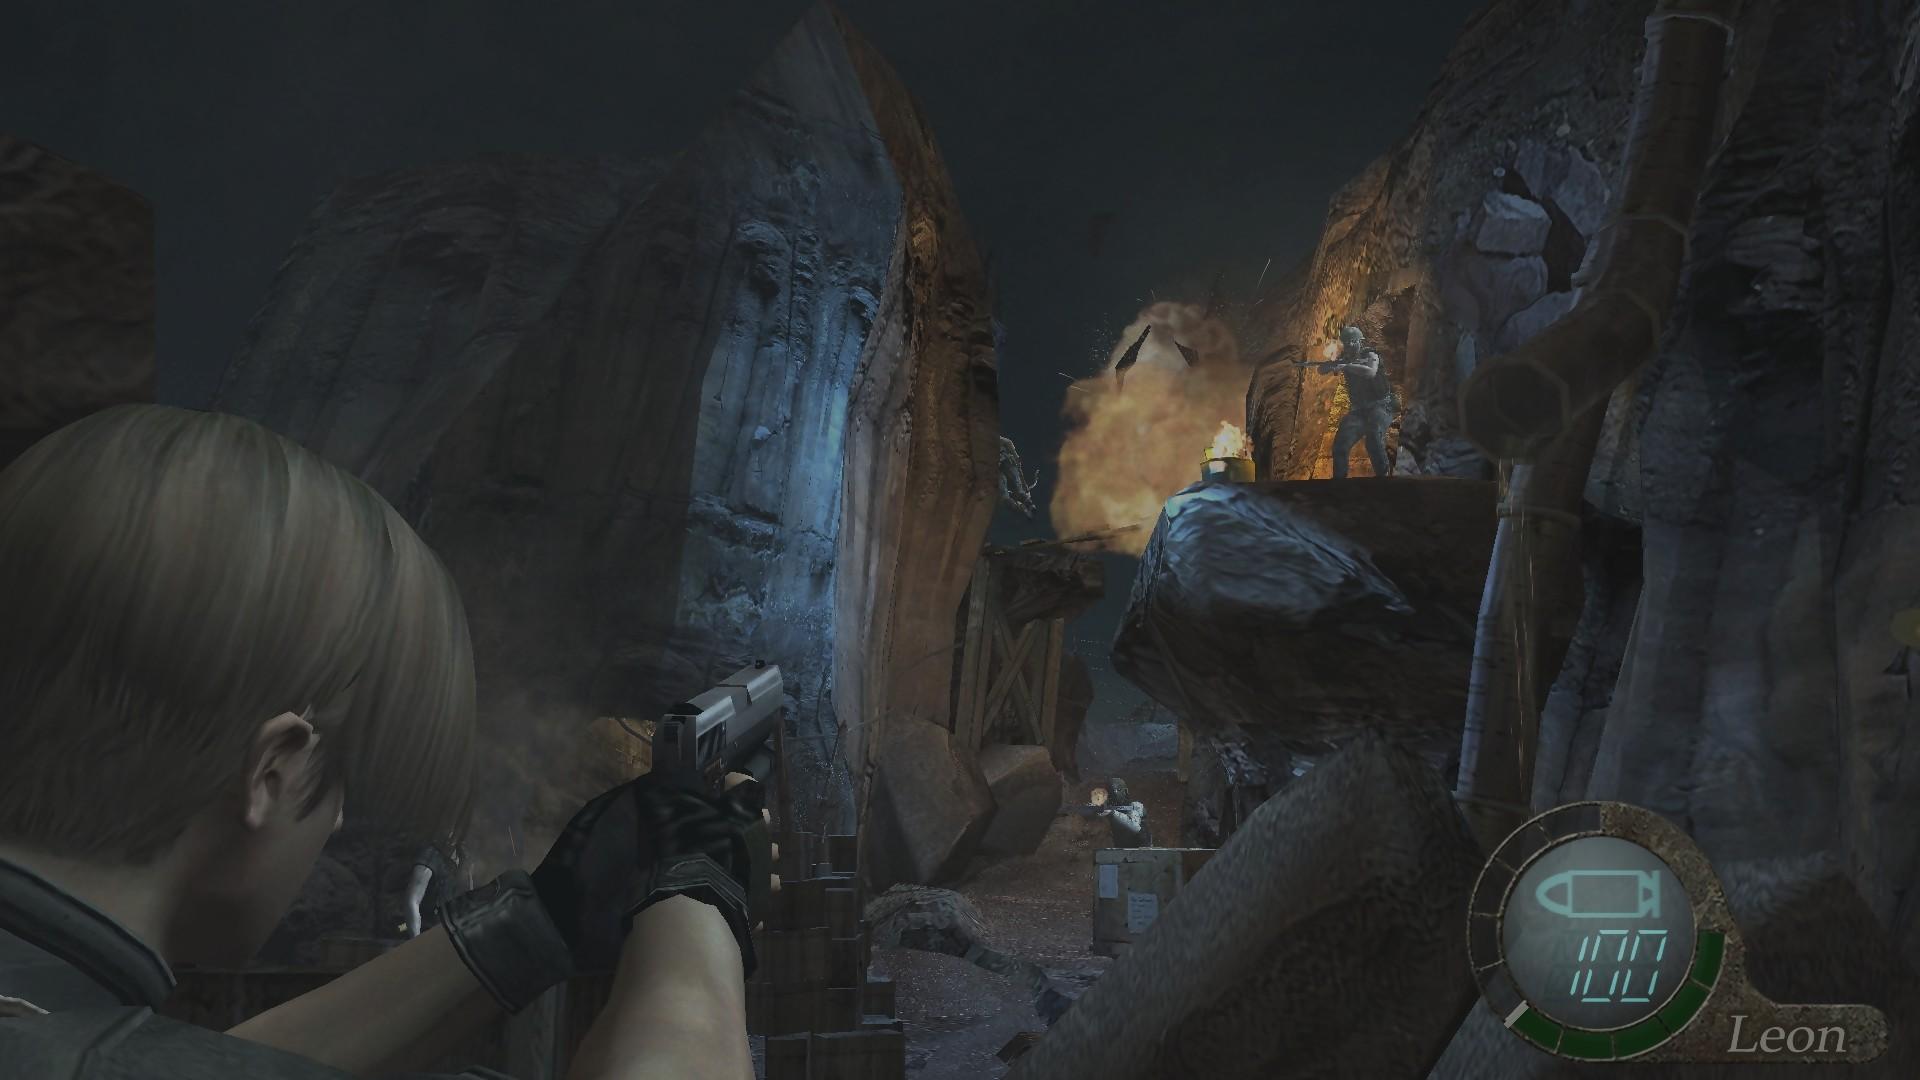 Leon S Kennedy Hd Wallpaper Resident Evil 4 Sur Ps4 Et Xbox One Voici Les Images Et